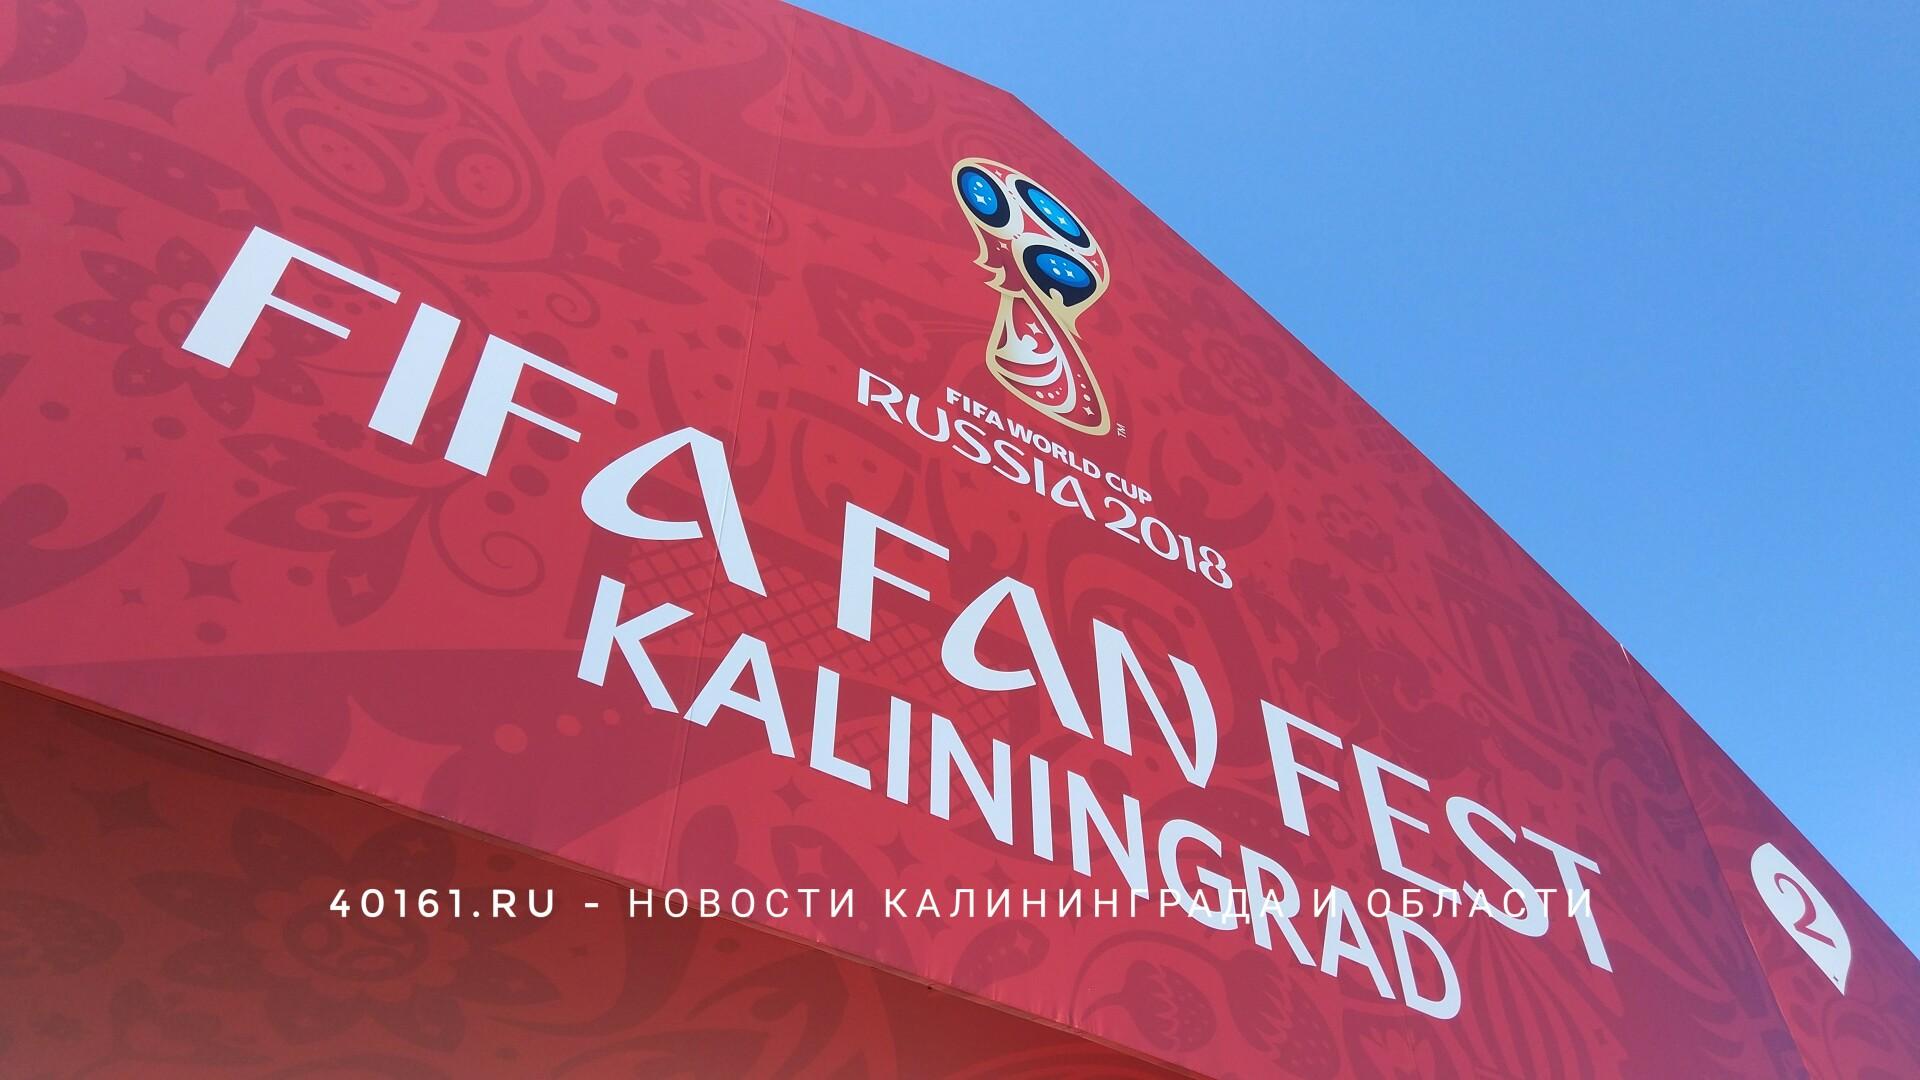 Фан-зона в  Калининграде продолжит работать до конца Чемпионата мира